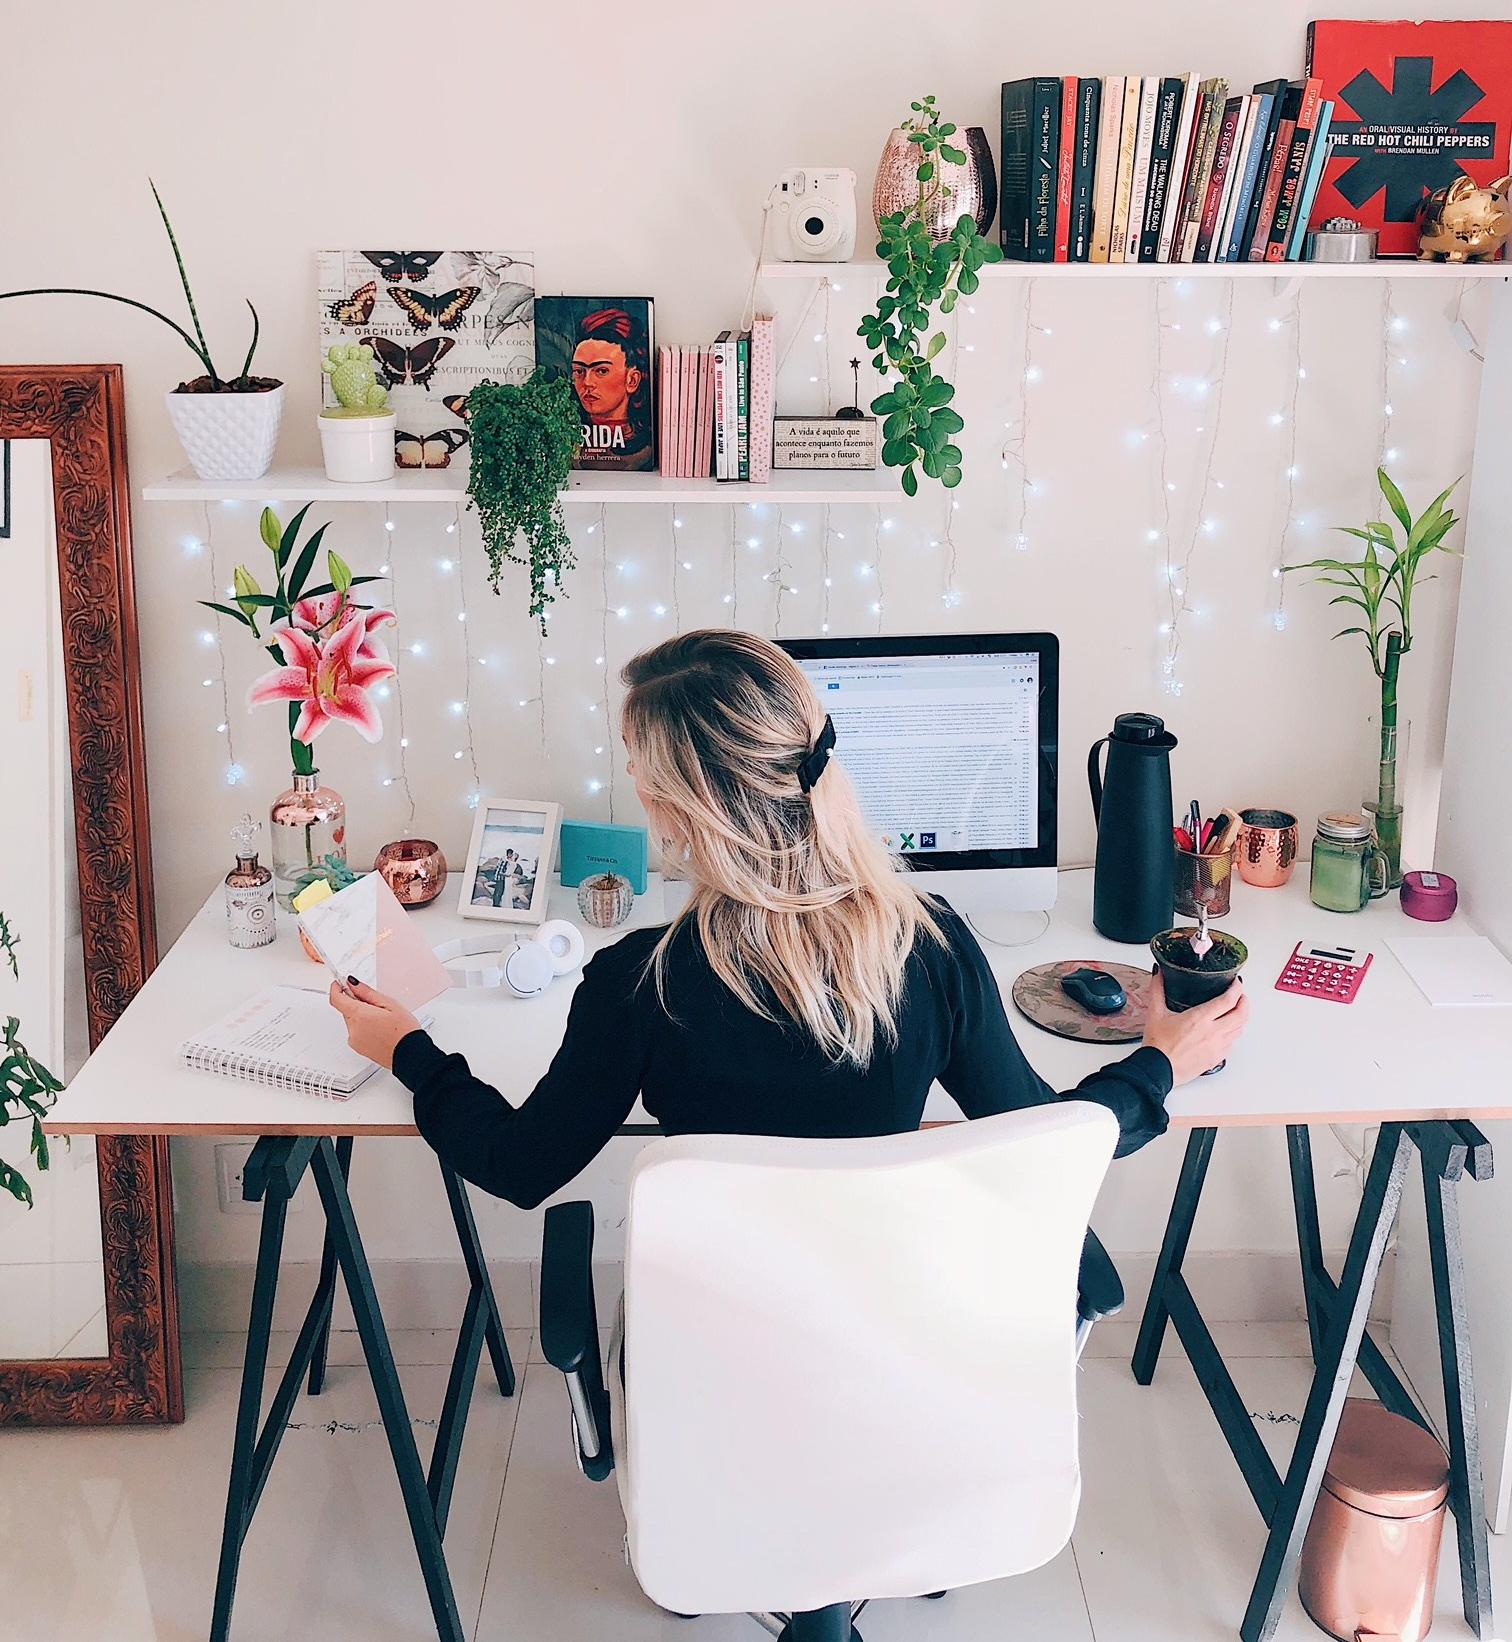 dicas-para-criar-e-decorar-um-home-office-produtivo-em-casa131.jpg